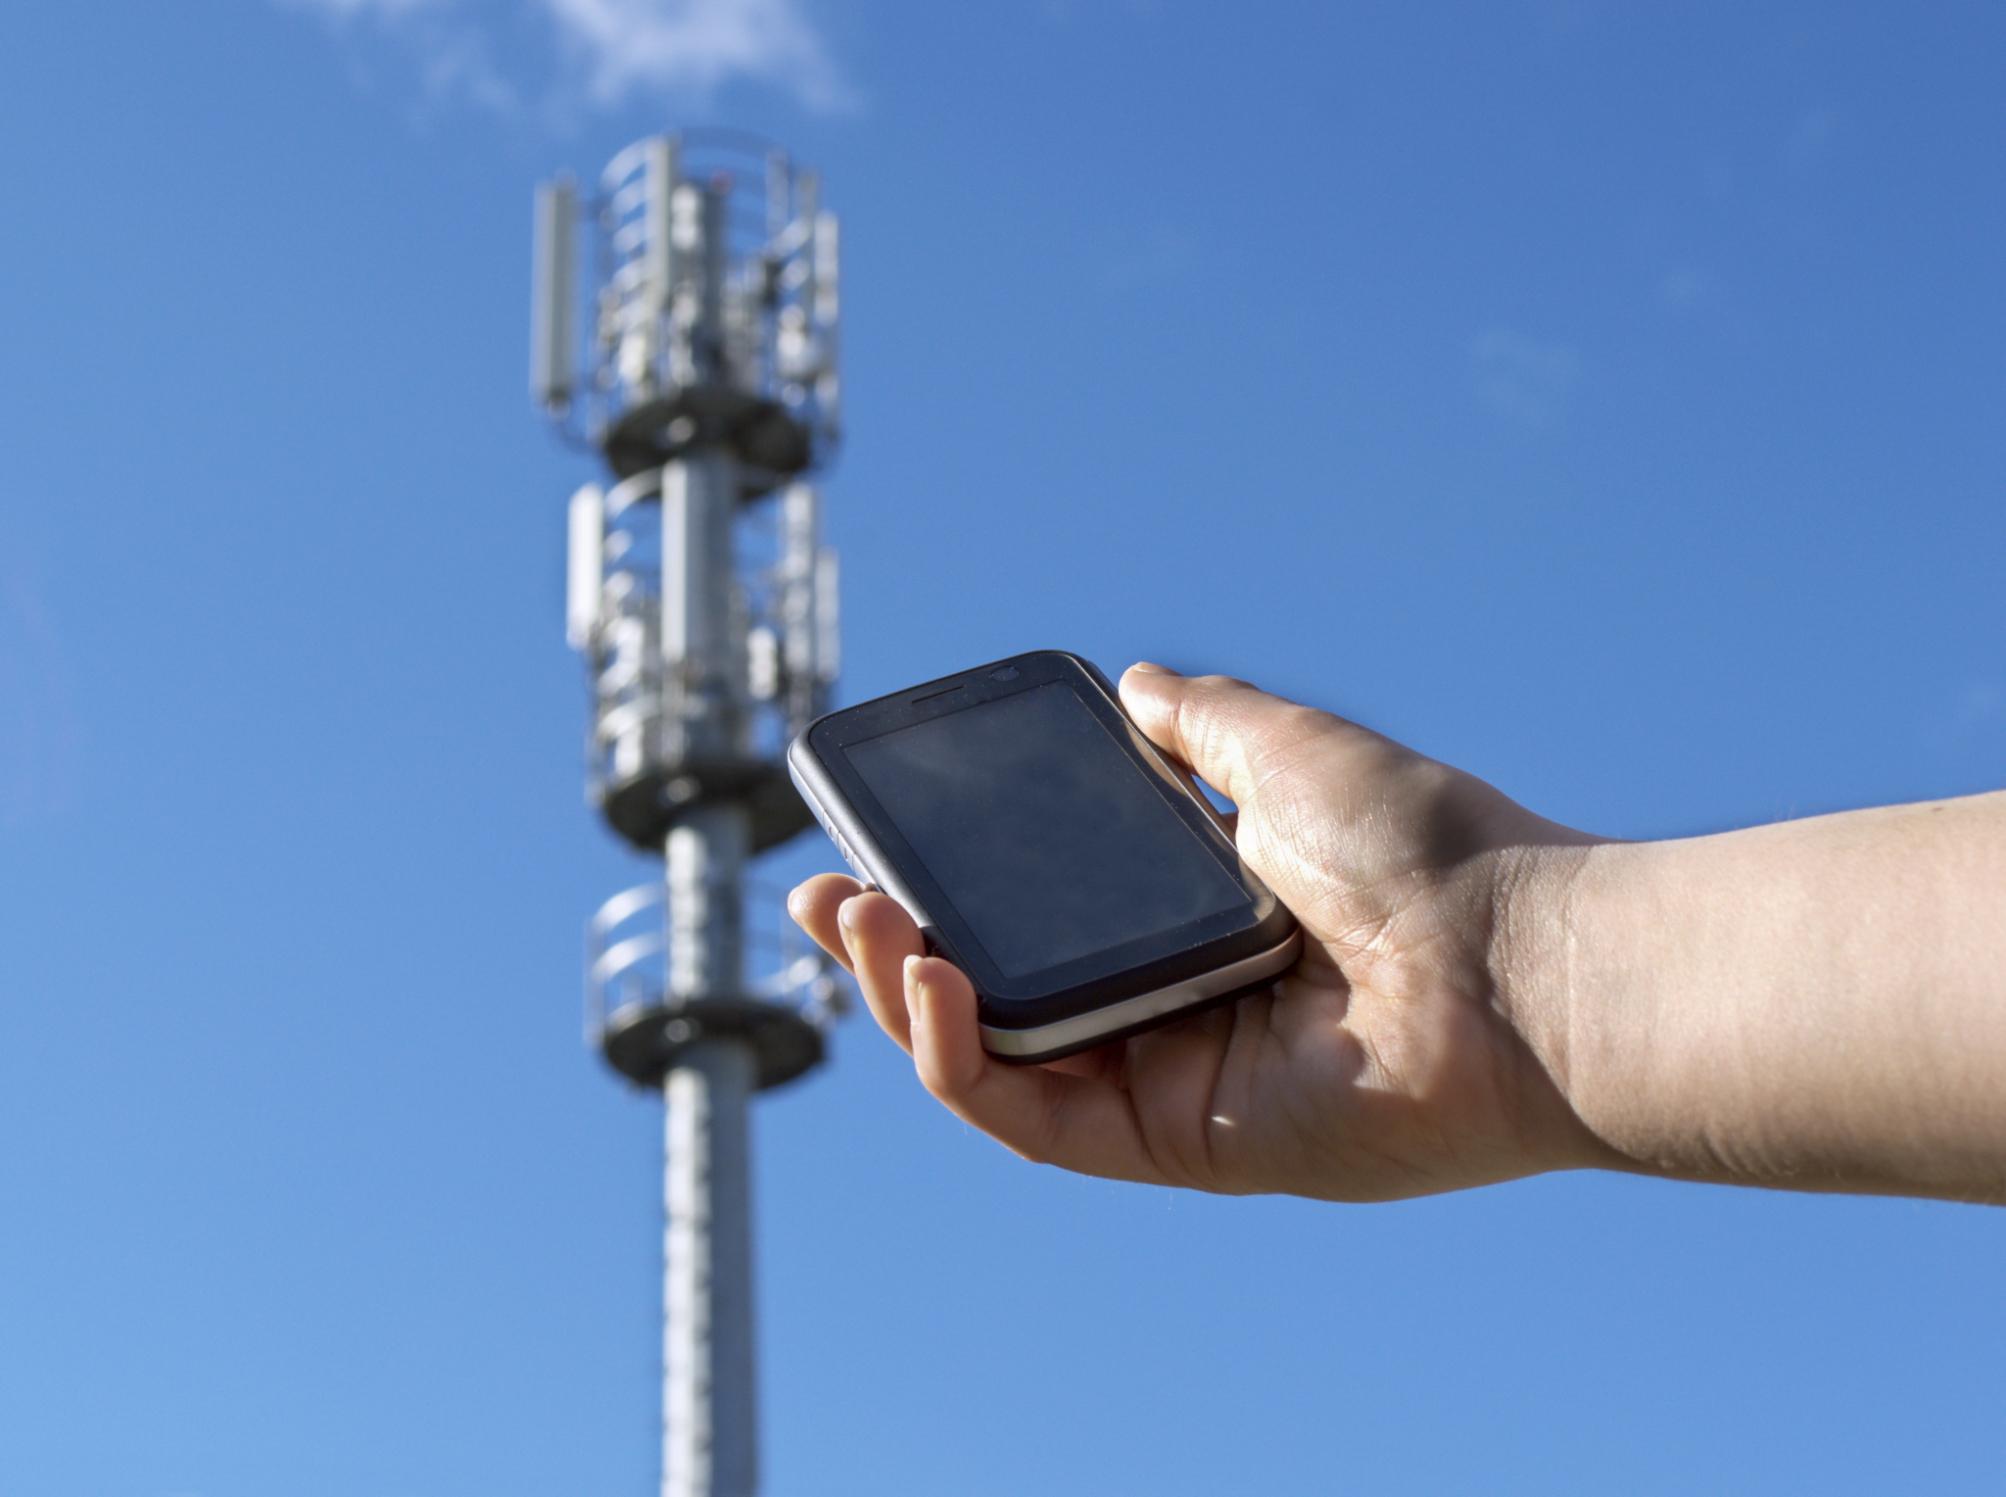 Agydaganatot okozhat a mobil! Vizsgálatot követel 200 tudós.